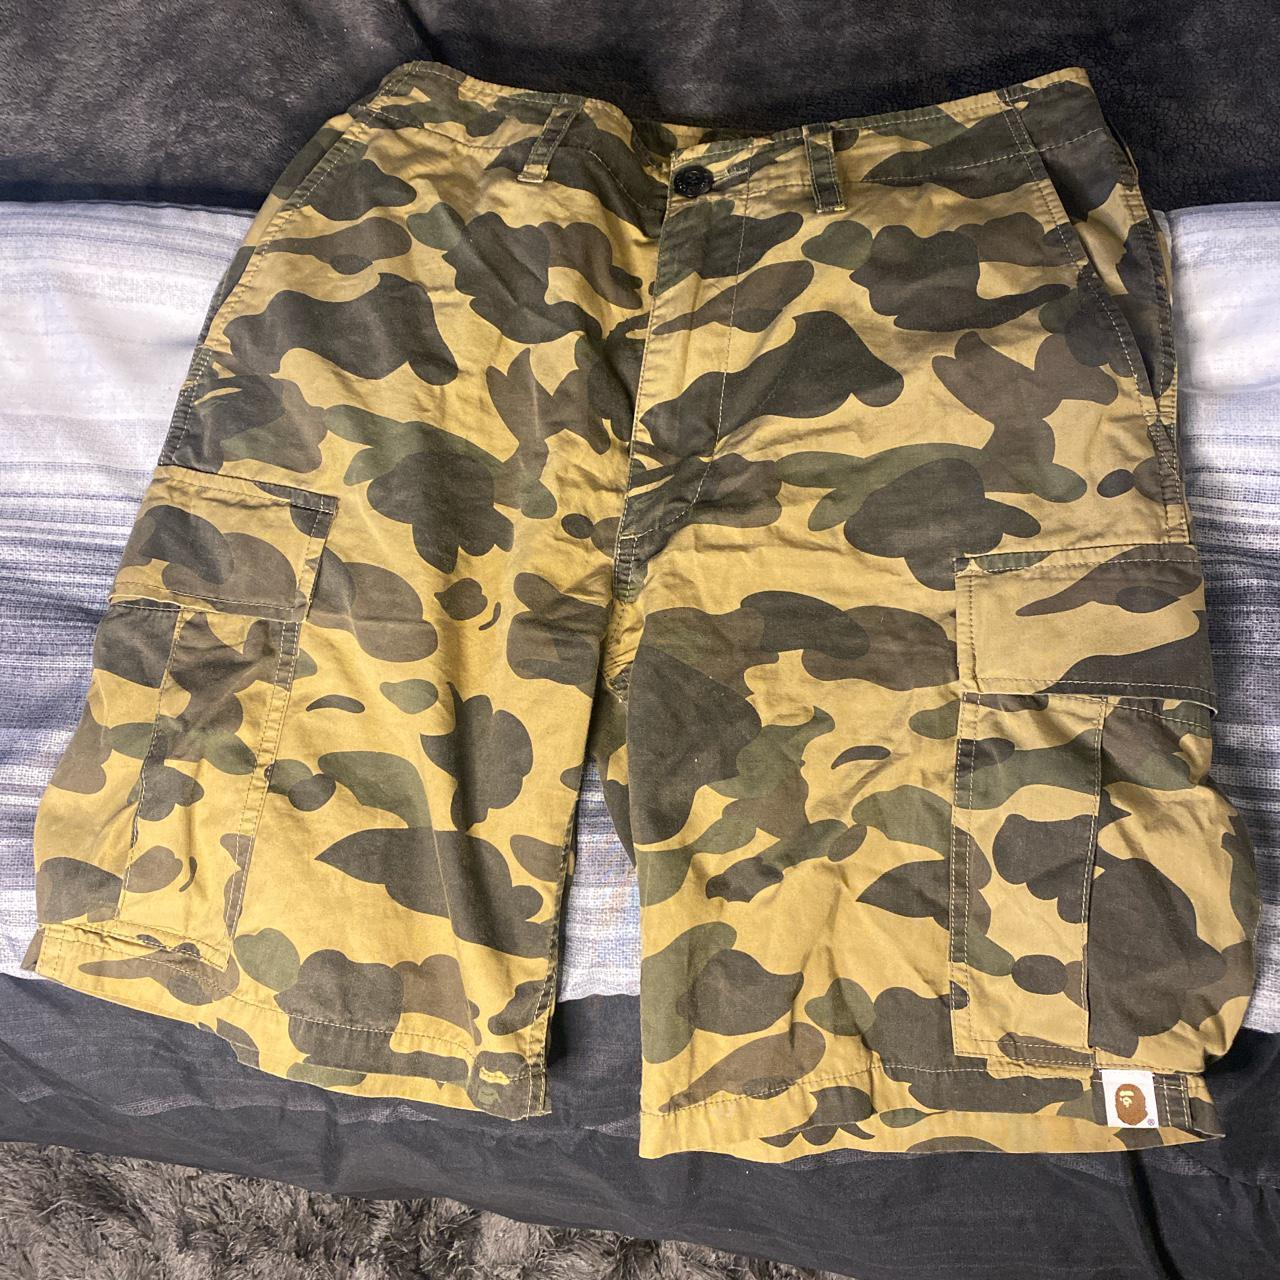 Product Image 1 - Original Camouflaged bape shorts size small